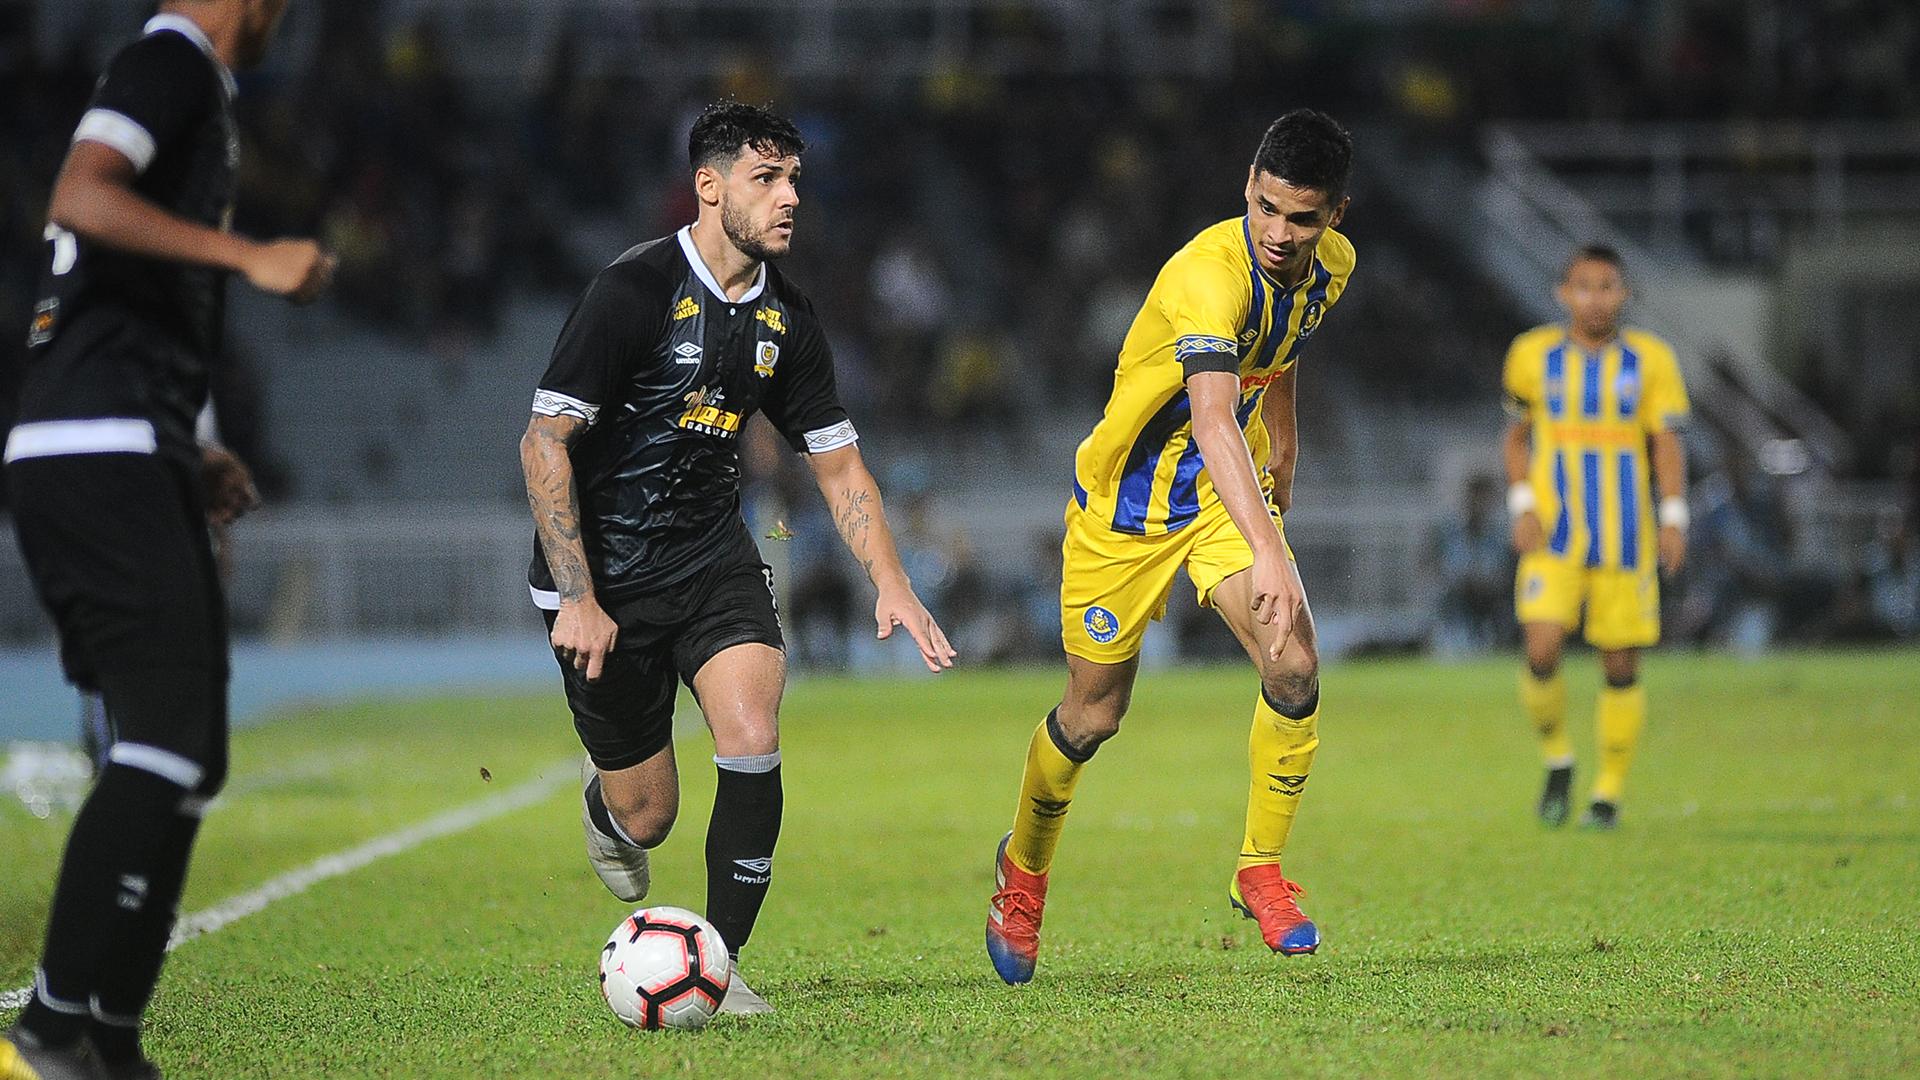 Safuwan Baharudin, Pahang v Perak, Malaysia FA Cup, 21 Jun 2019